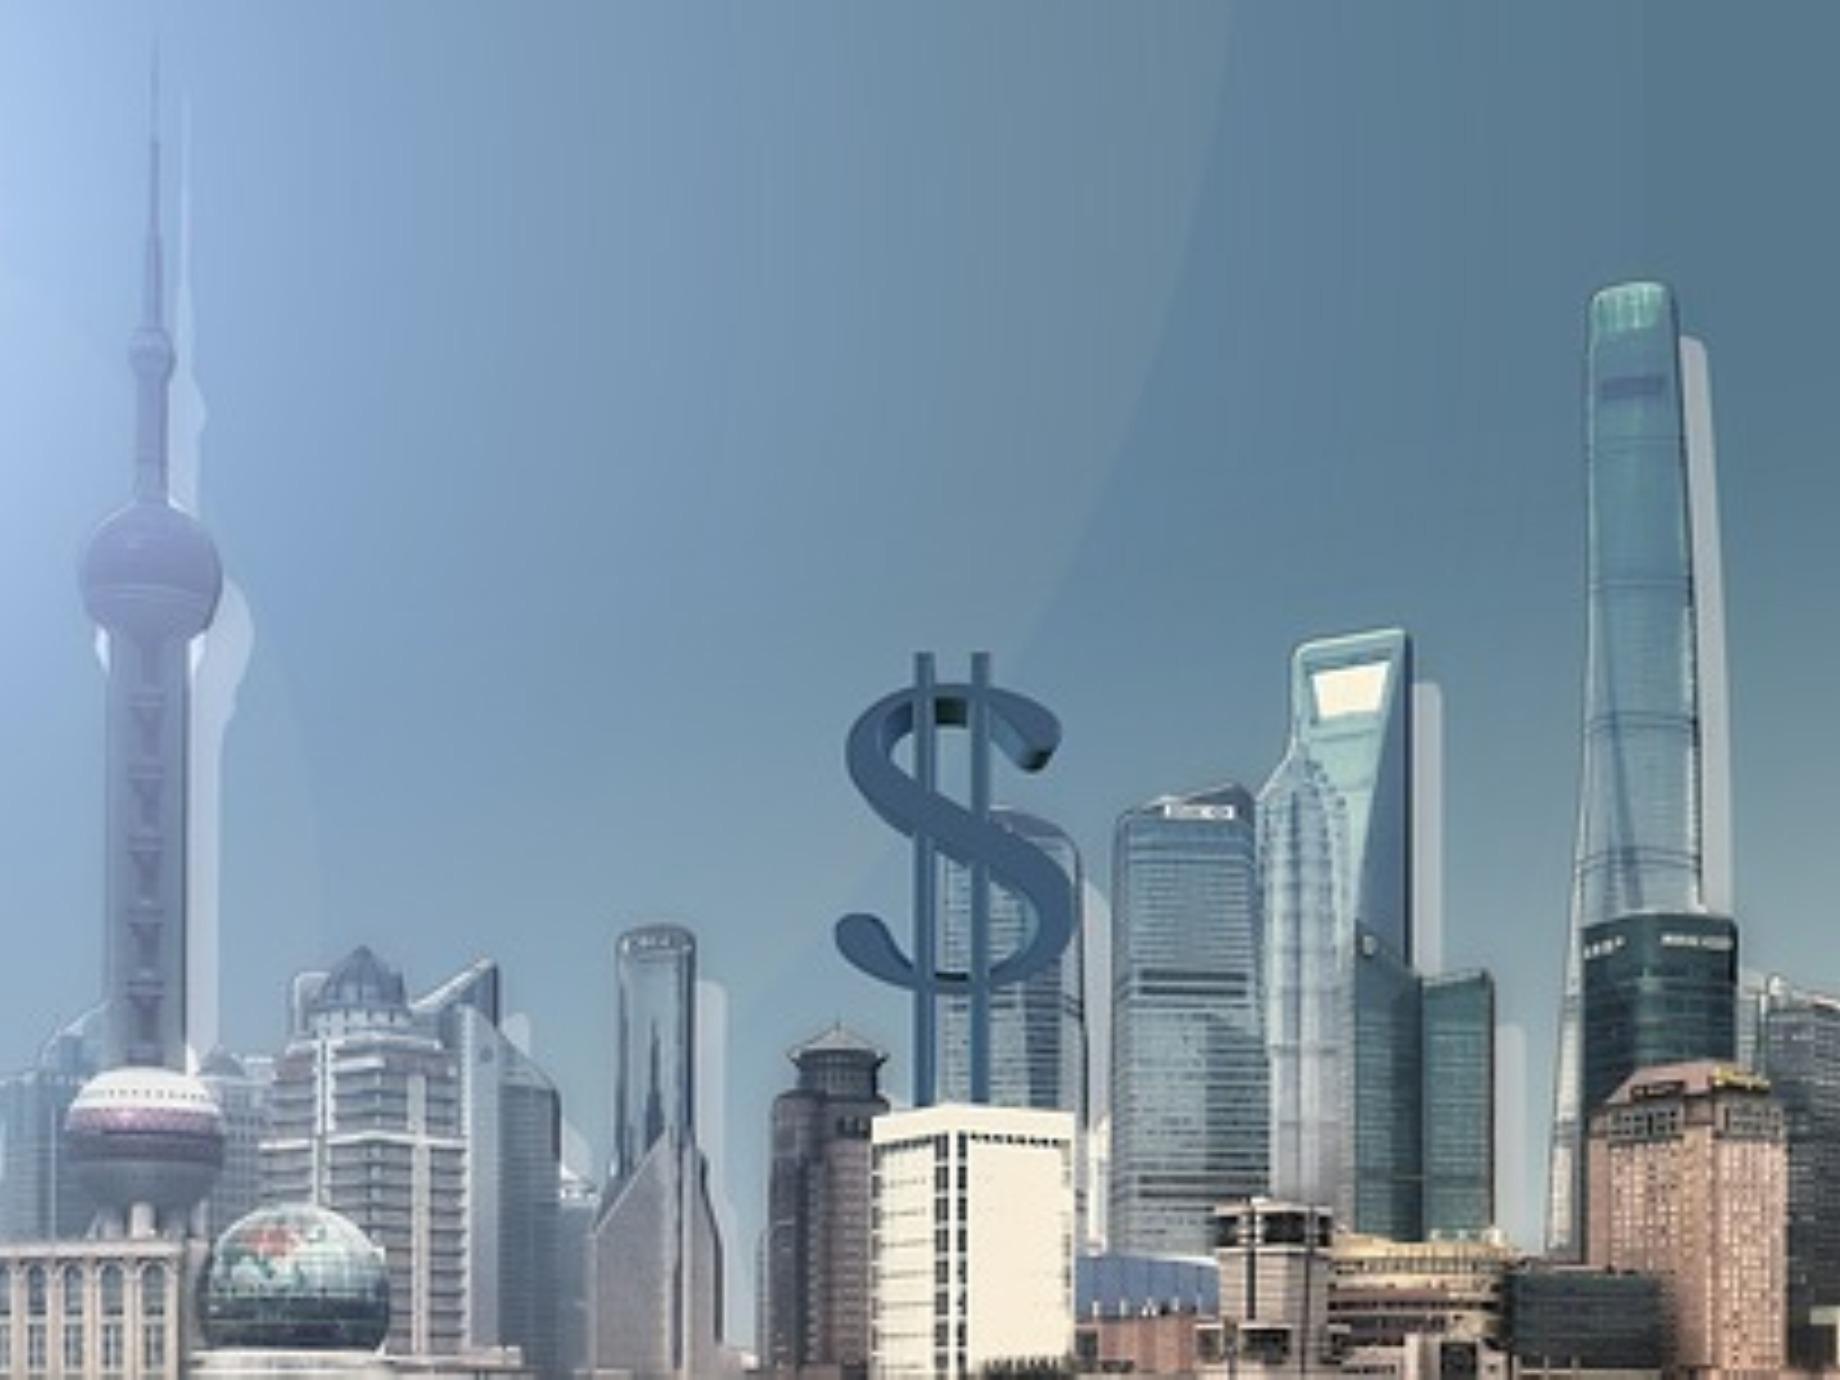 支付寶被收編!中國央行設「網聯」,全面監管第三方支付